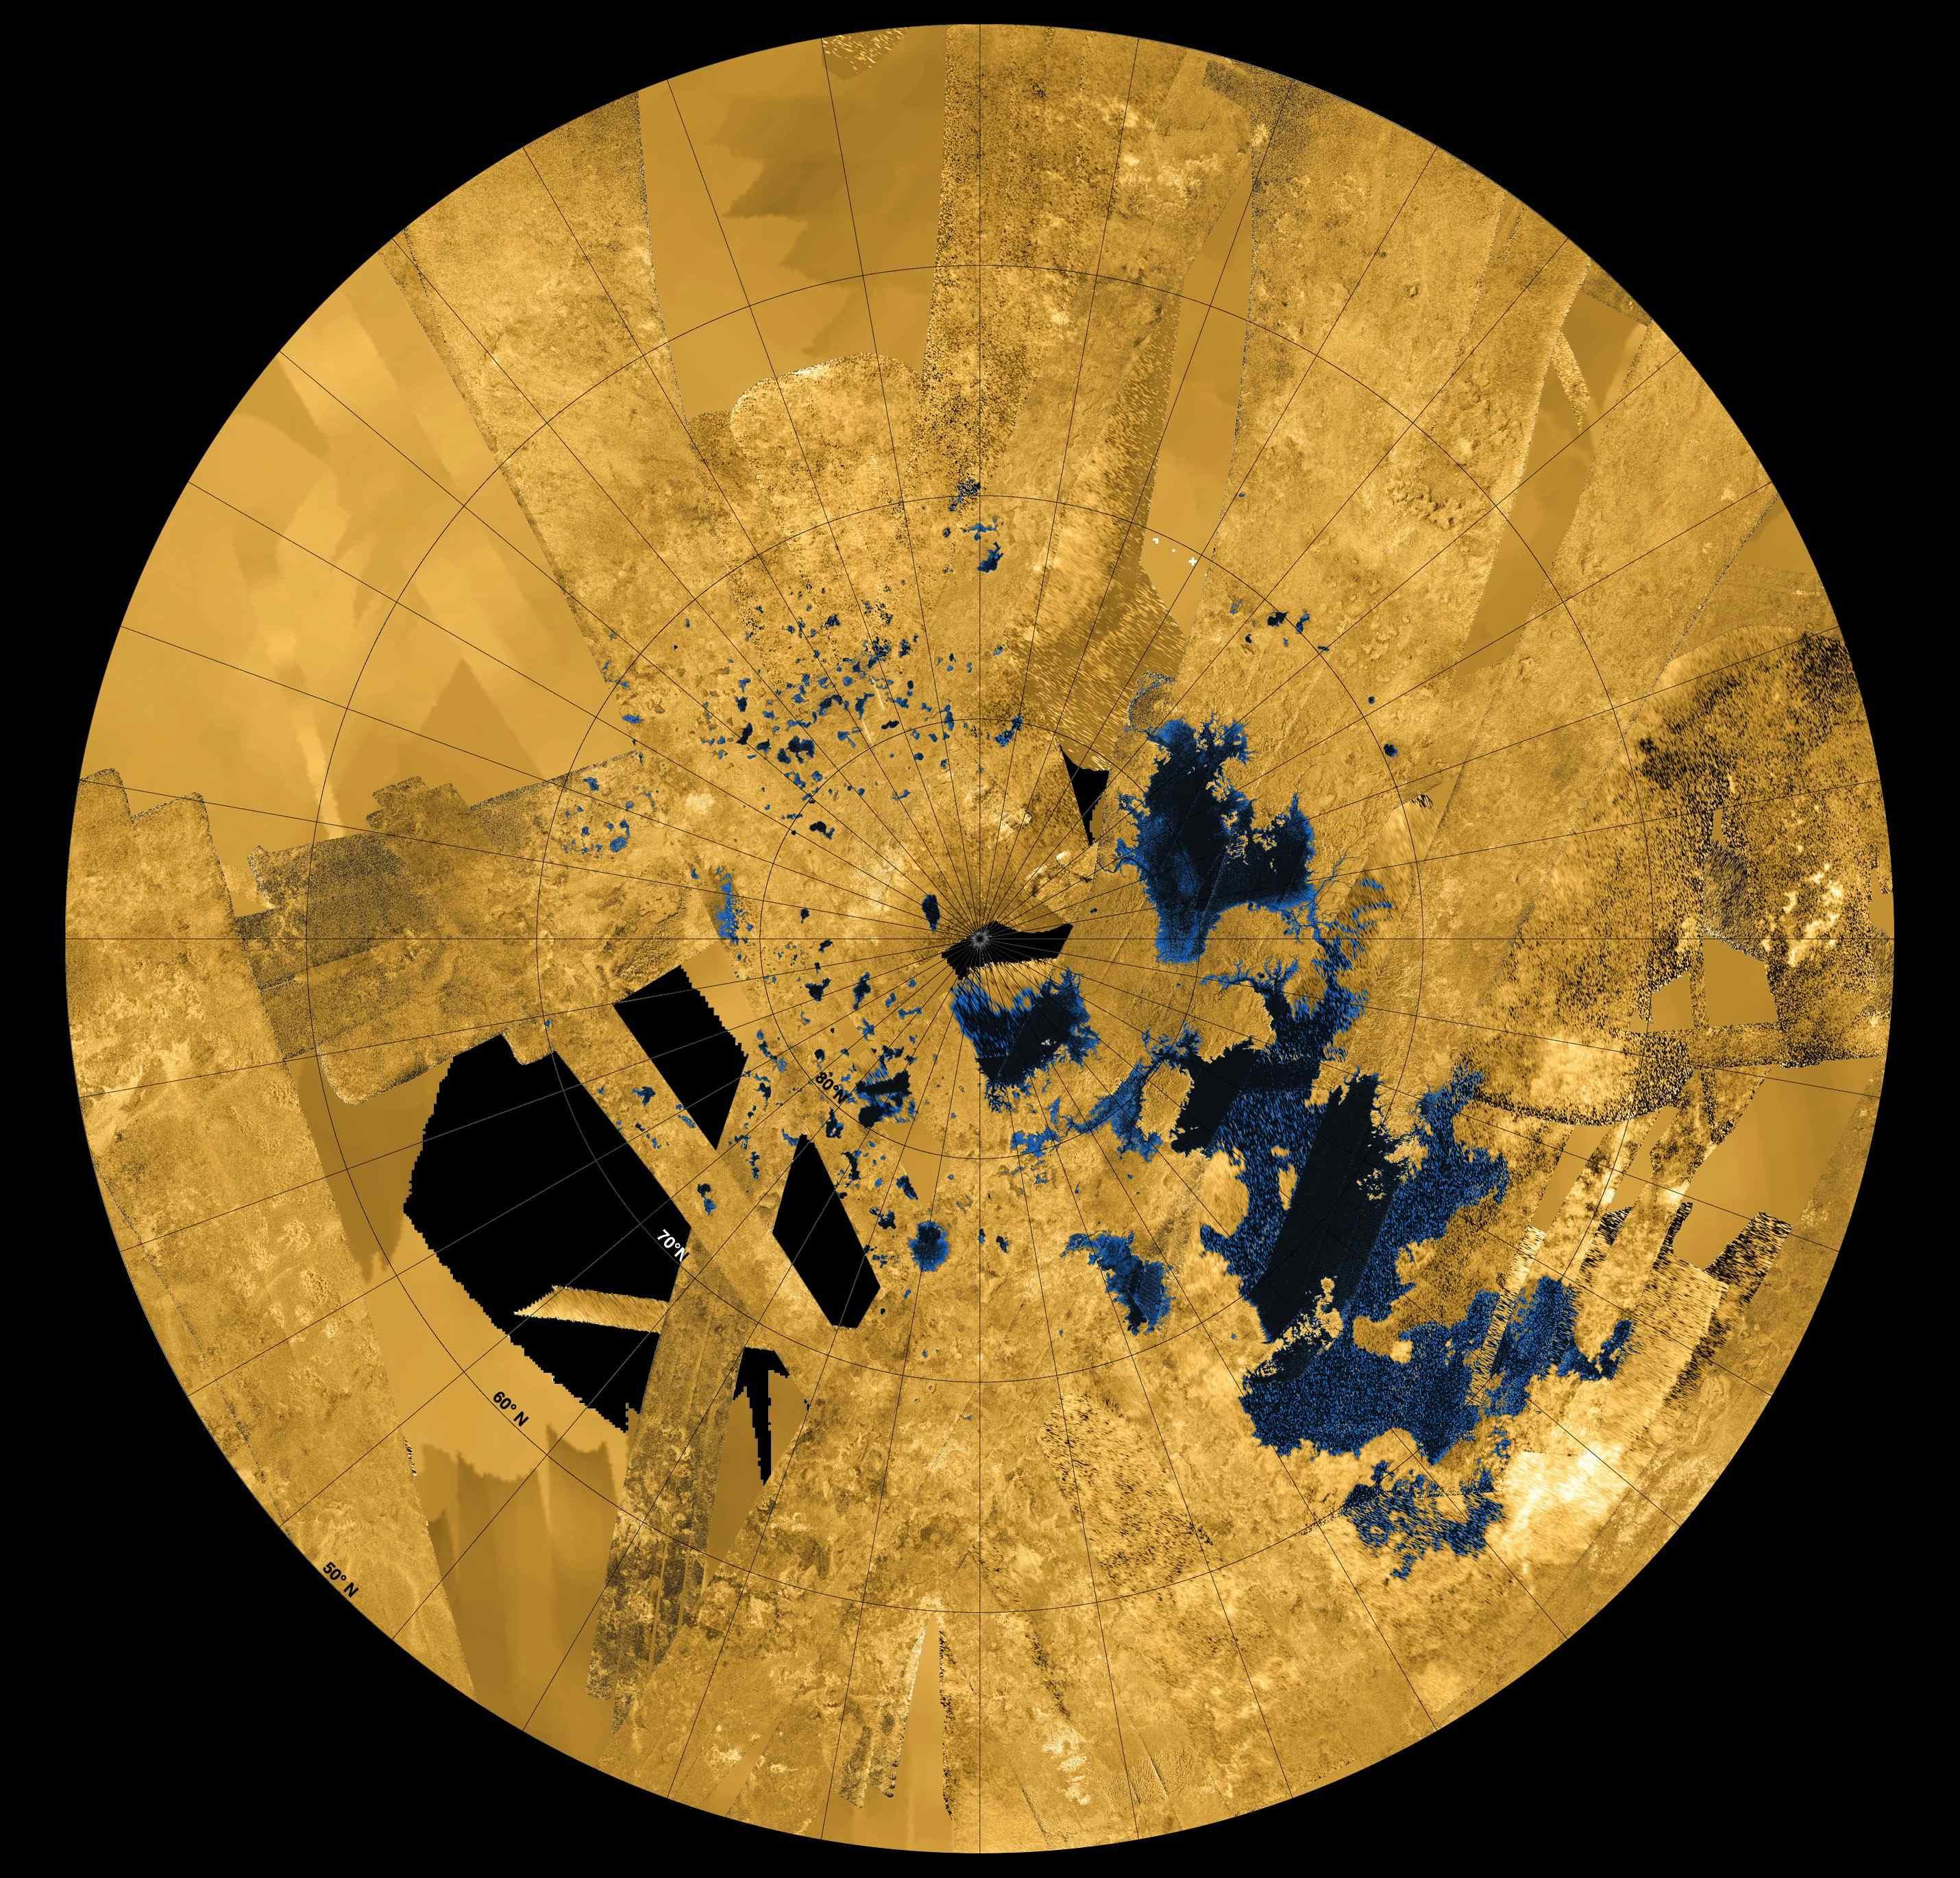 Titan's Seas Emerge in Clear Detail